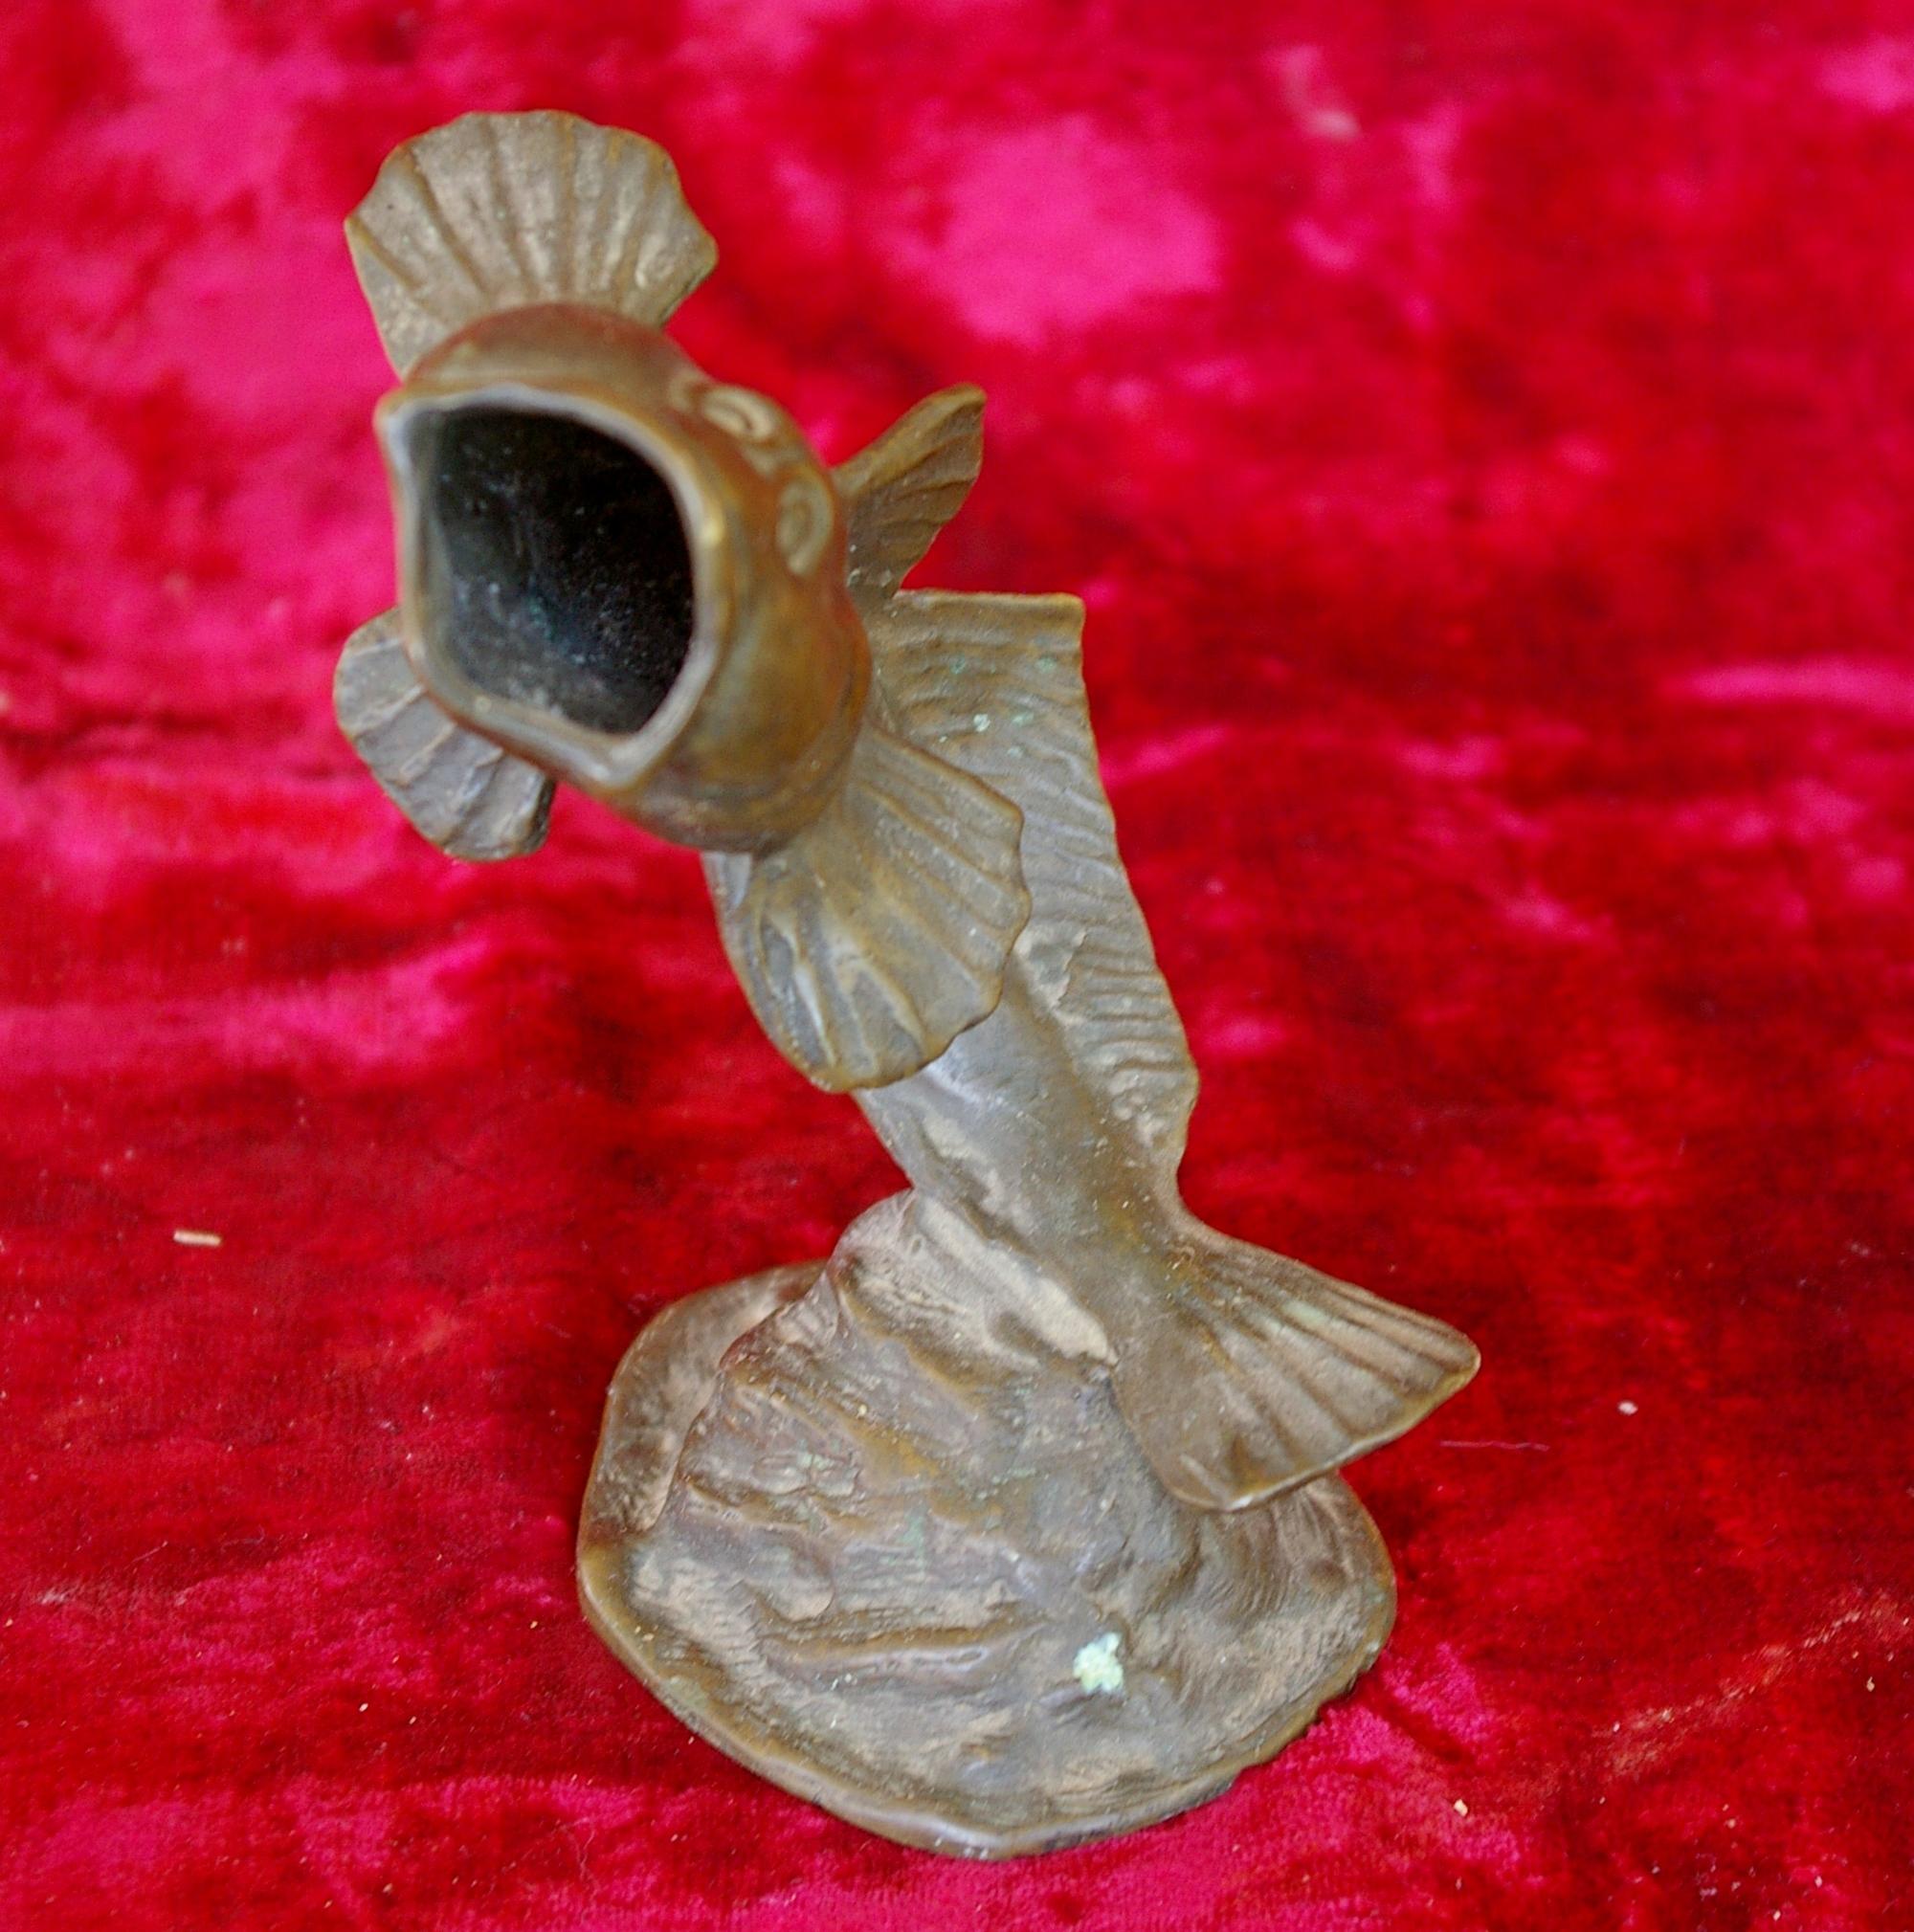 Скульптура Пепельница, материал бронза, высота 14 см., ширина 7 см., длина 6 см. - 1